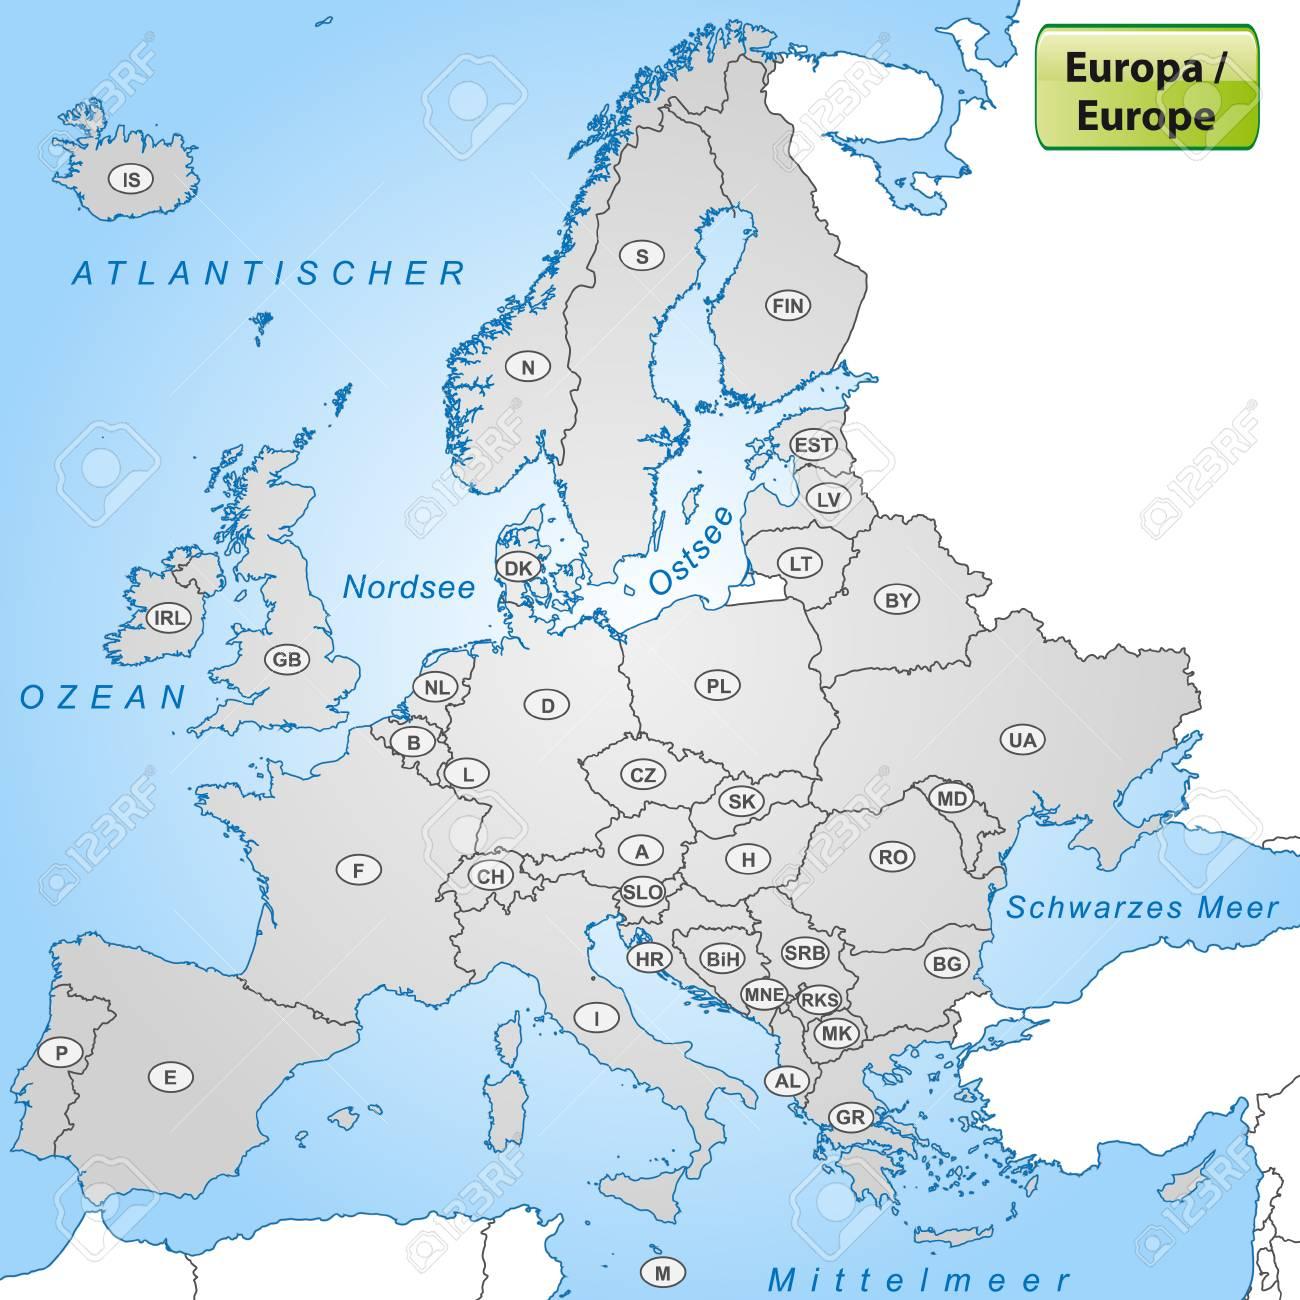 Carte De L'europe Avec Les Abréviations Des Pays destiné Carte D Europe Avec Pays